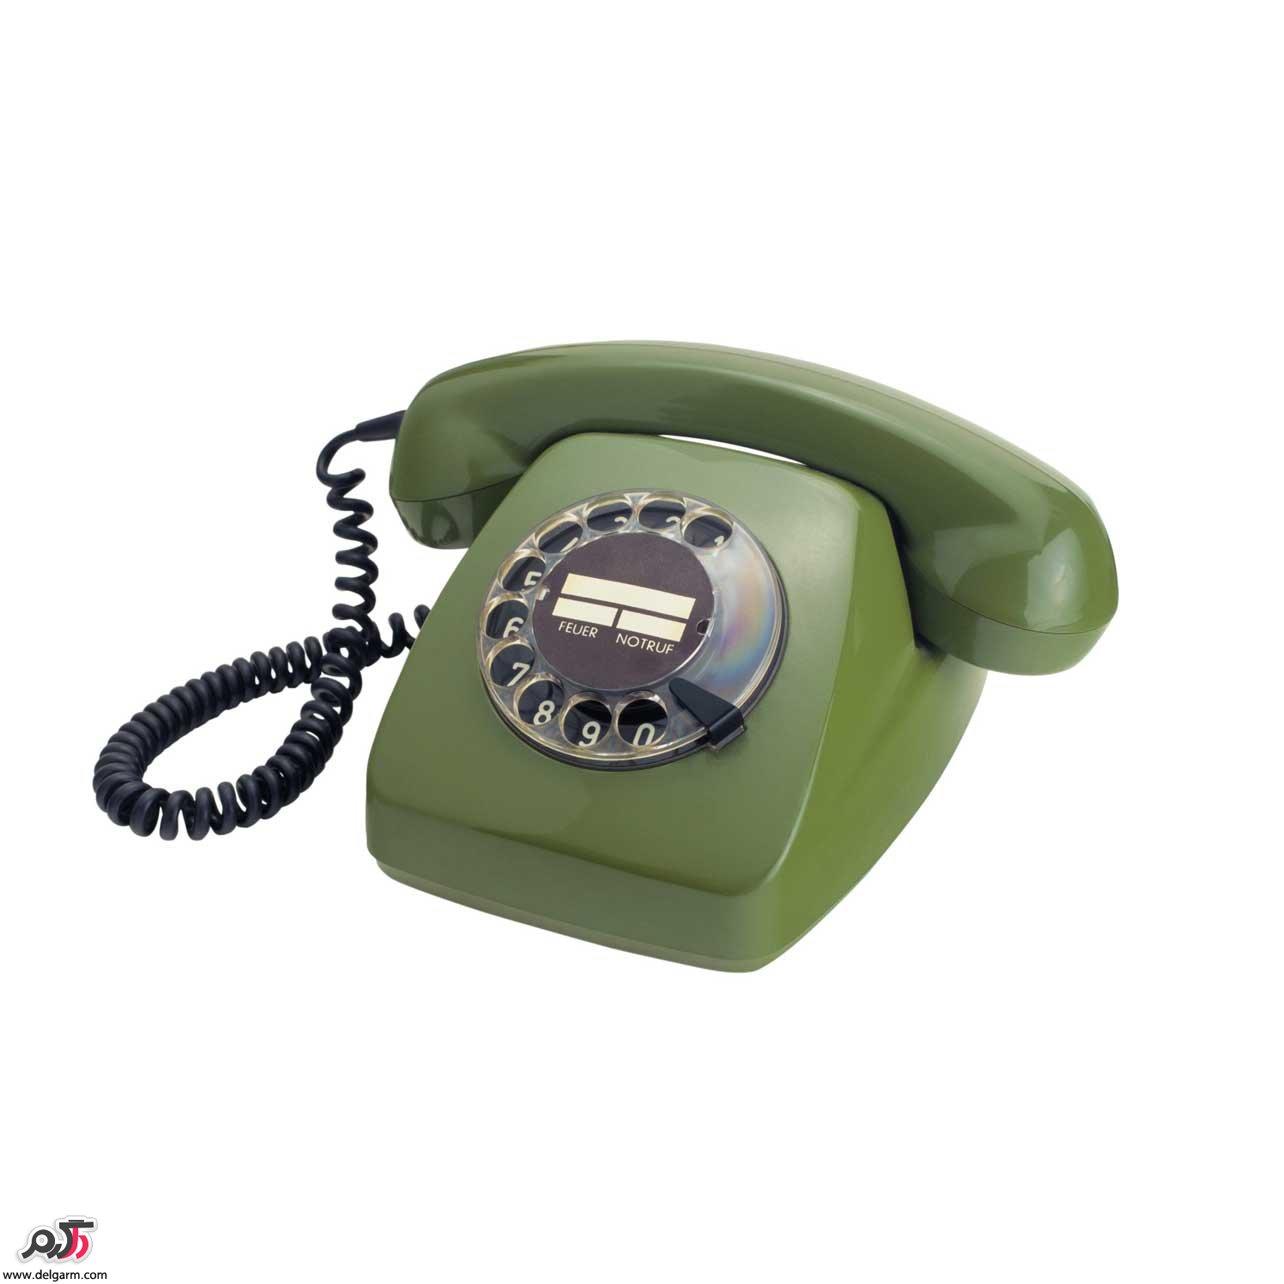 تصاویر تلفن های قدیمی که بسیار جذاب و منحصربفرد هستند.